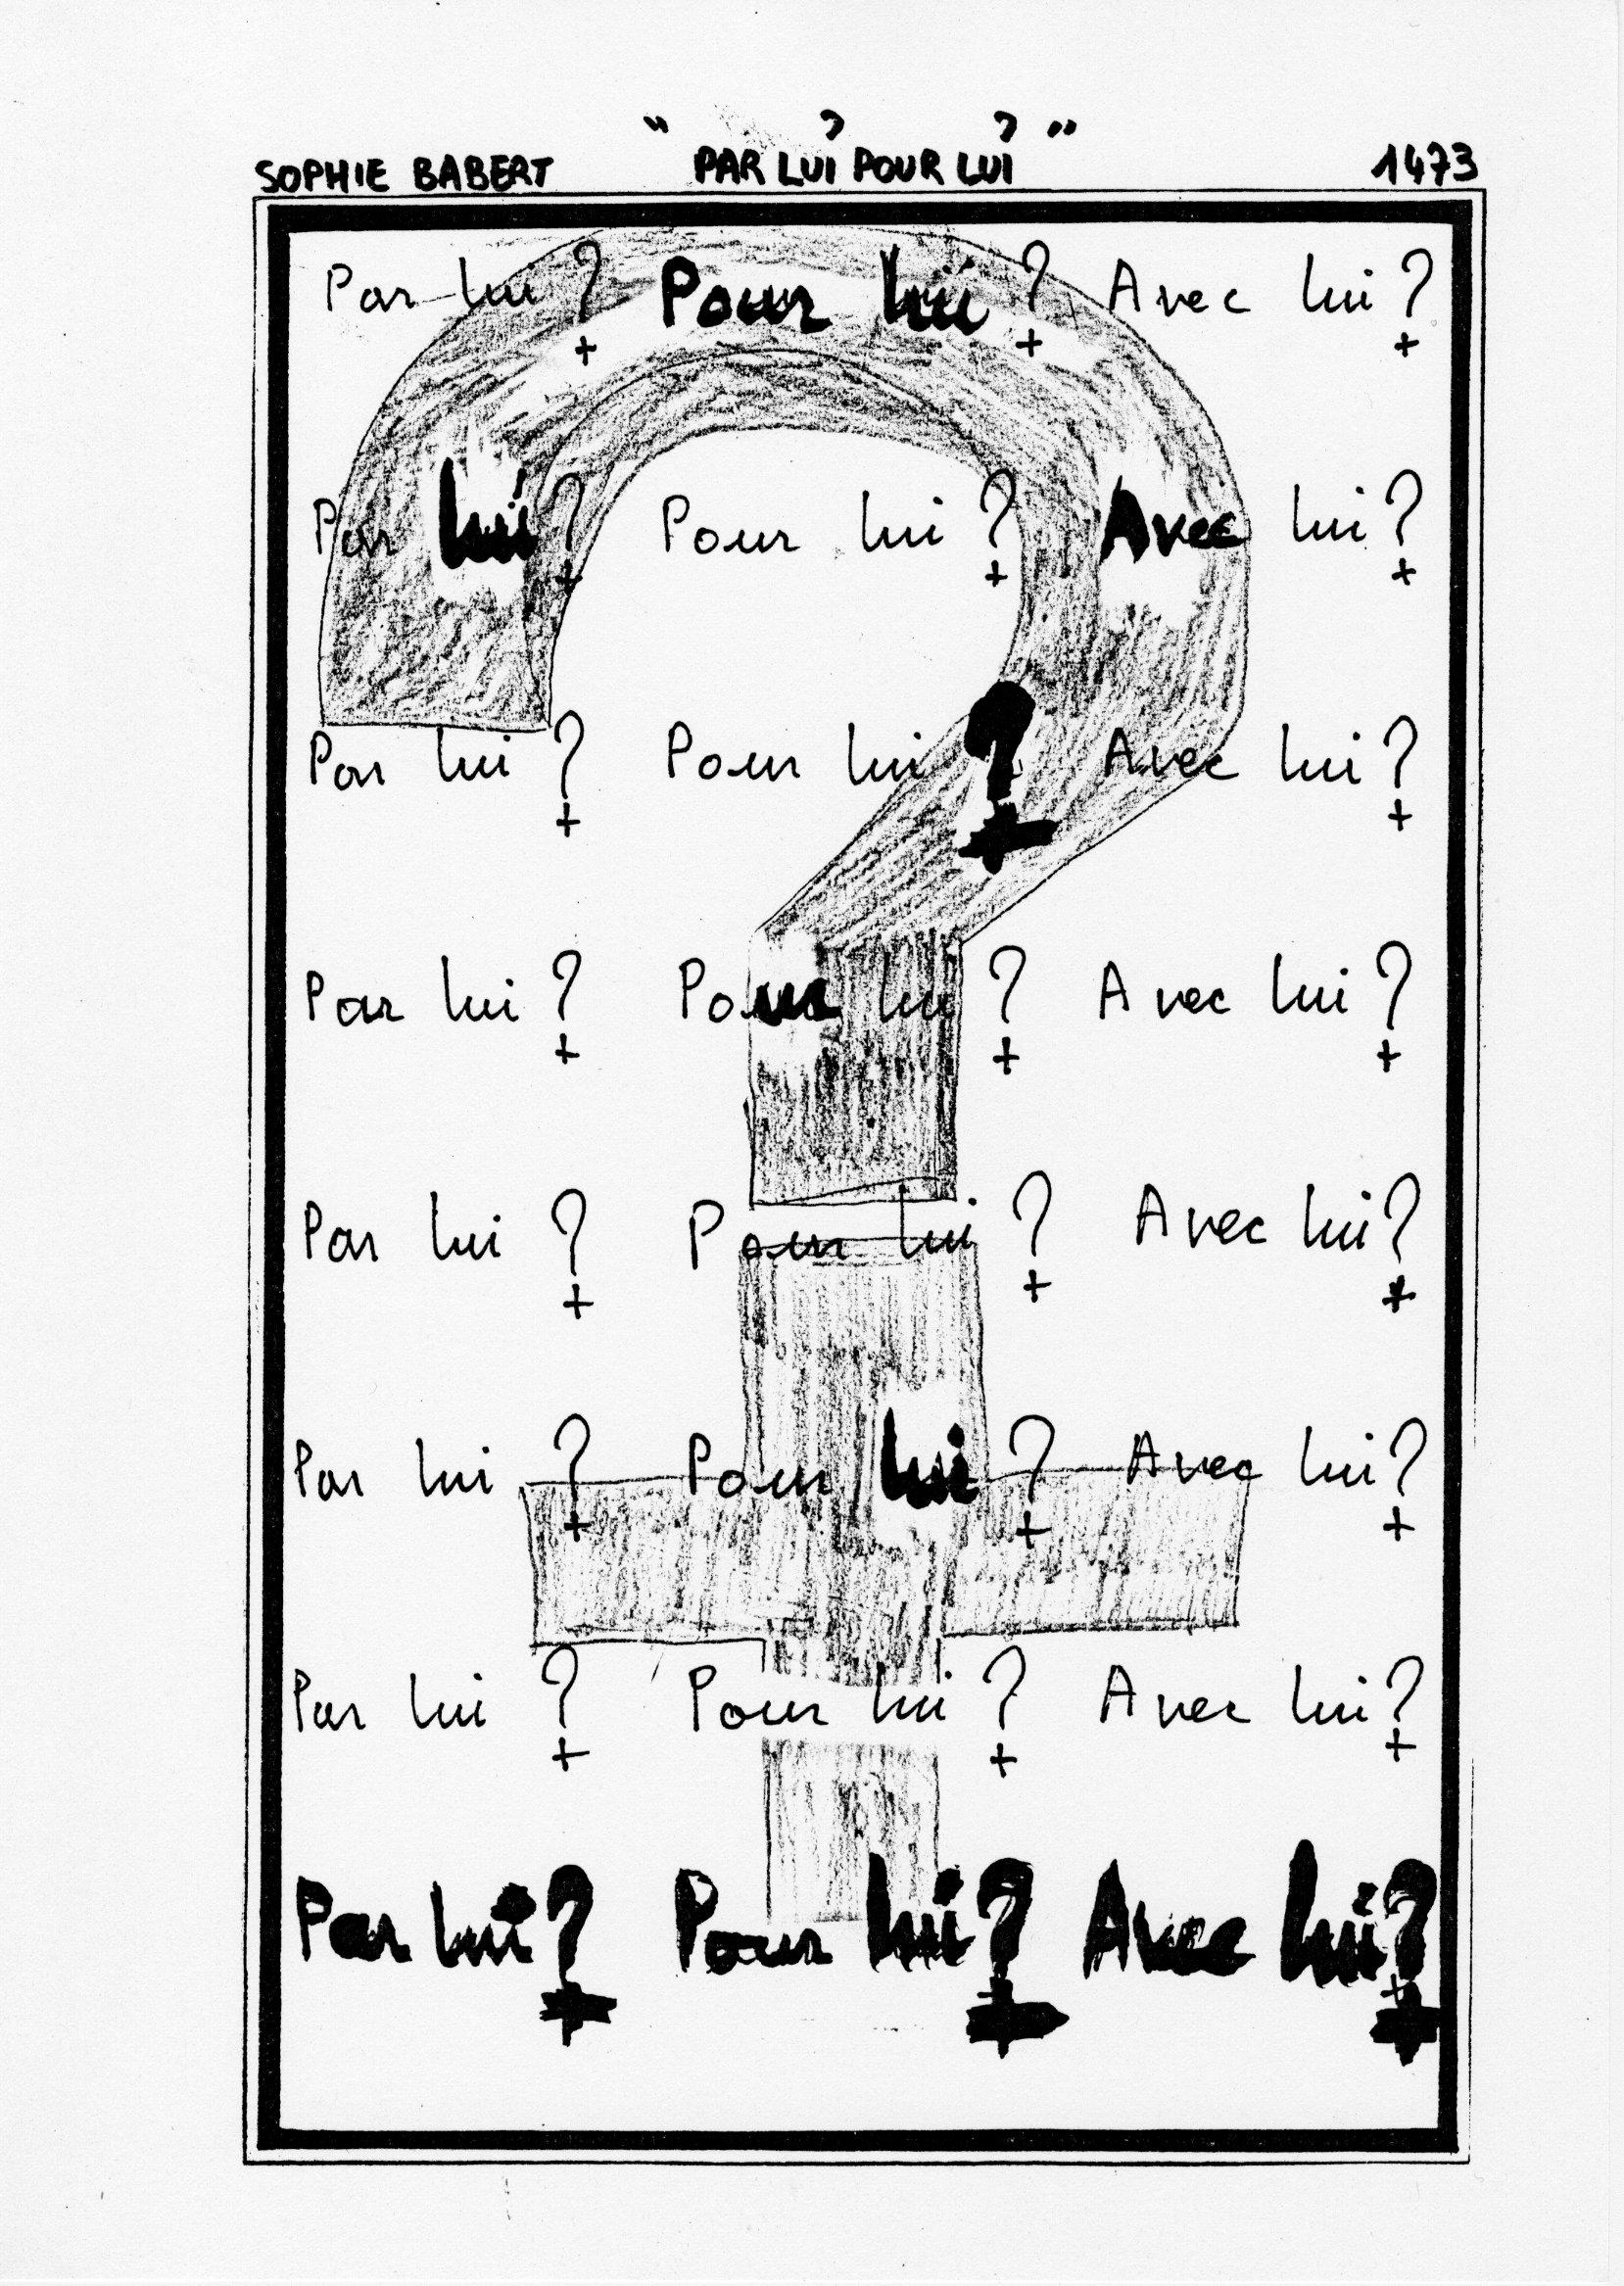 page 1473 S. Babert PAR LUI POUR LUI